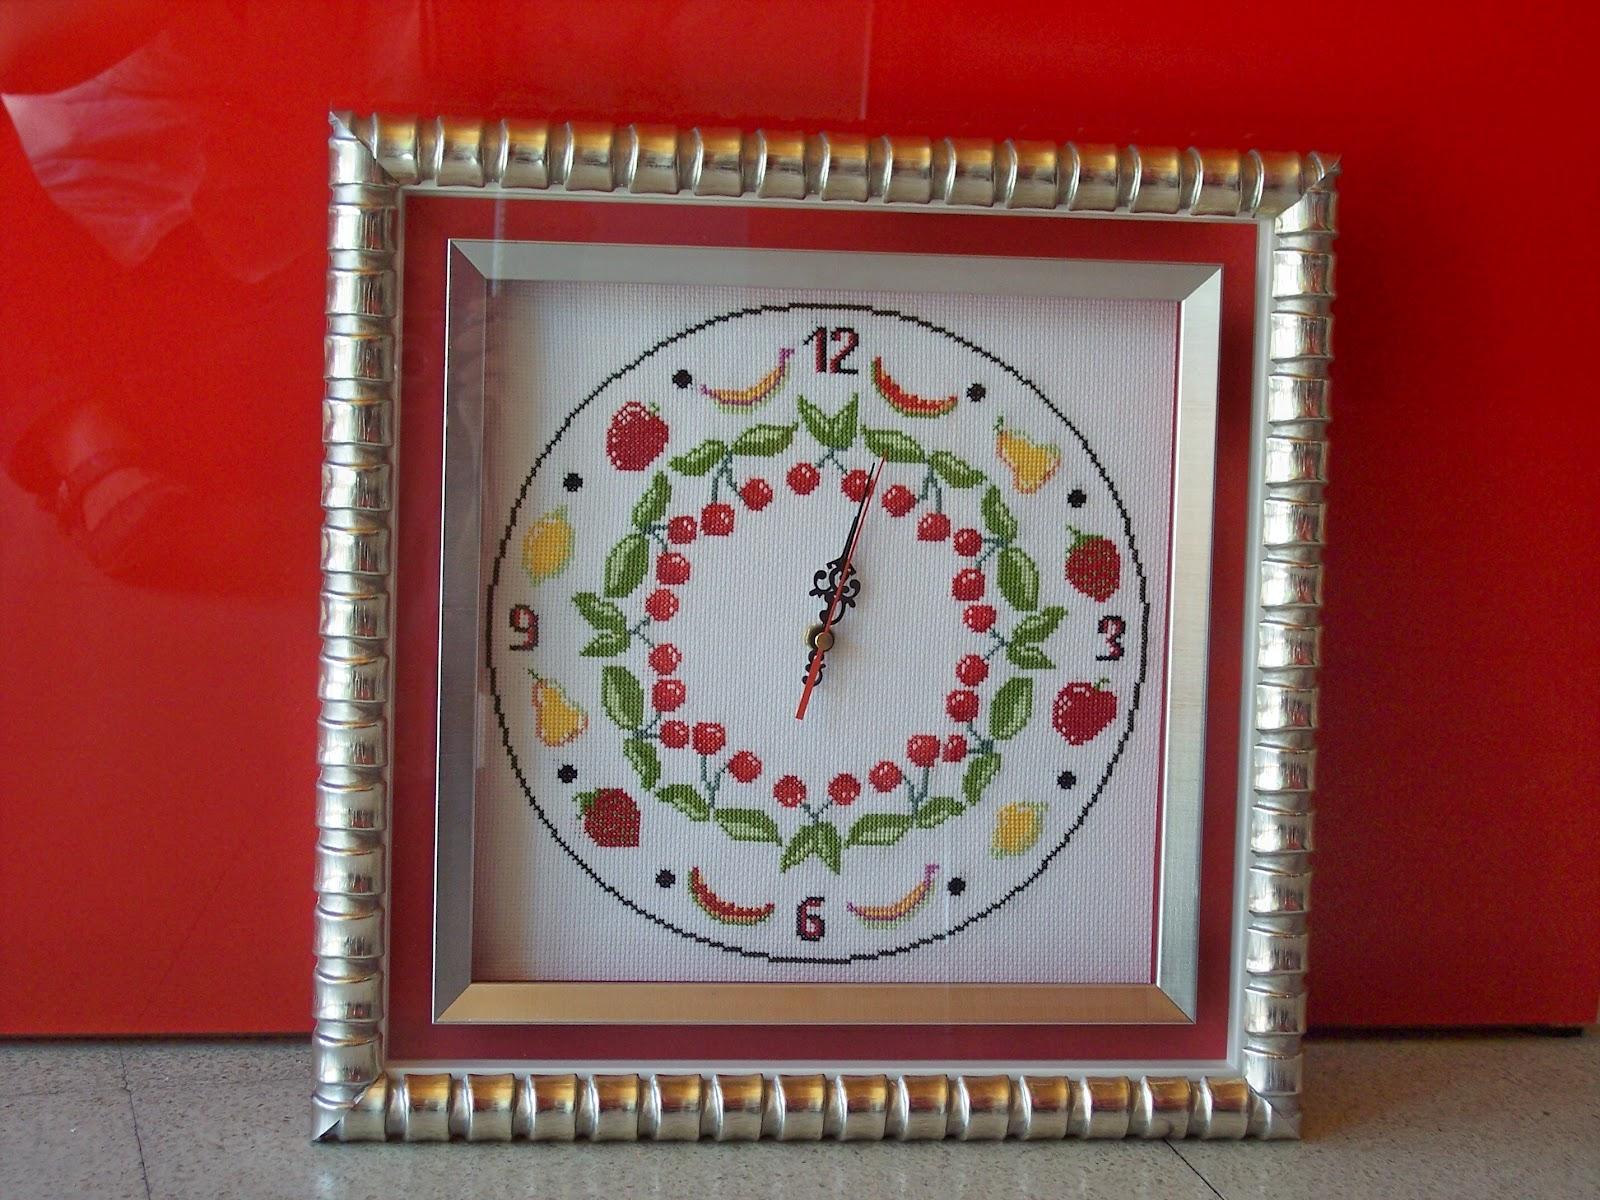 Mis Cuadros: Como enmarcar relojes enmarcados a punto de cruz